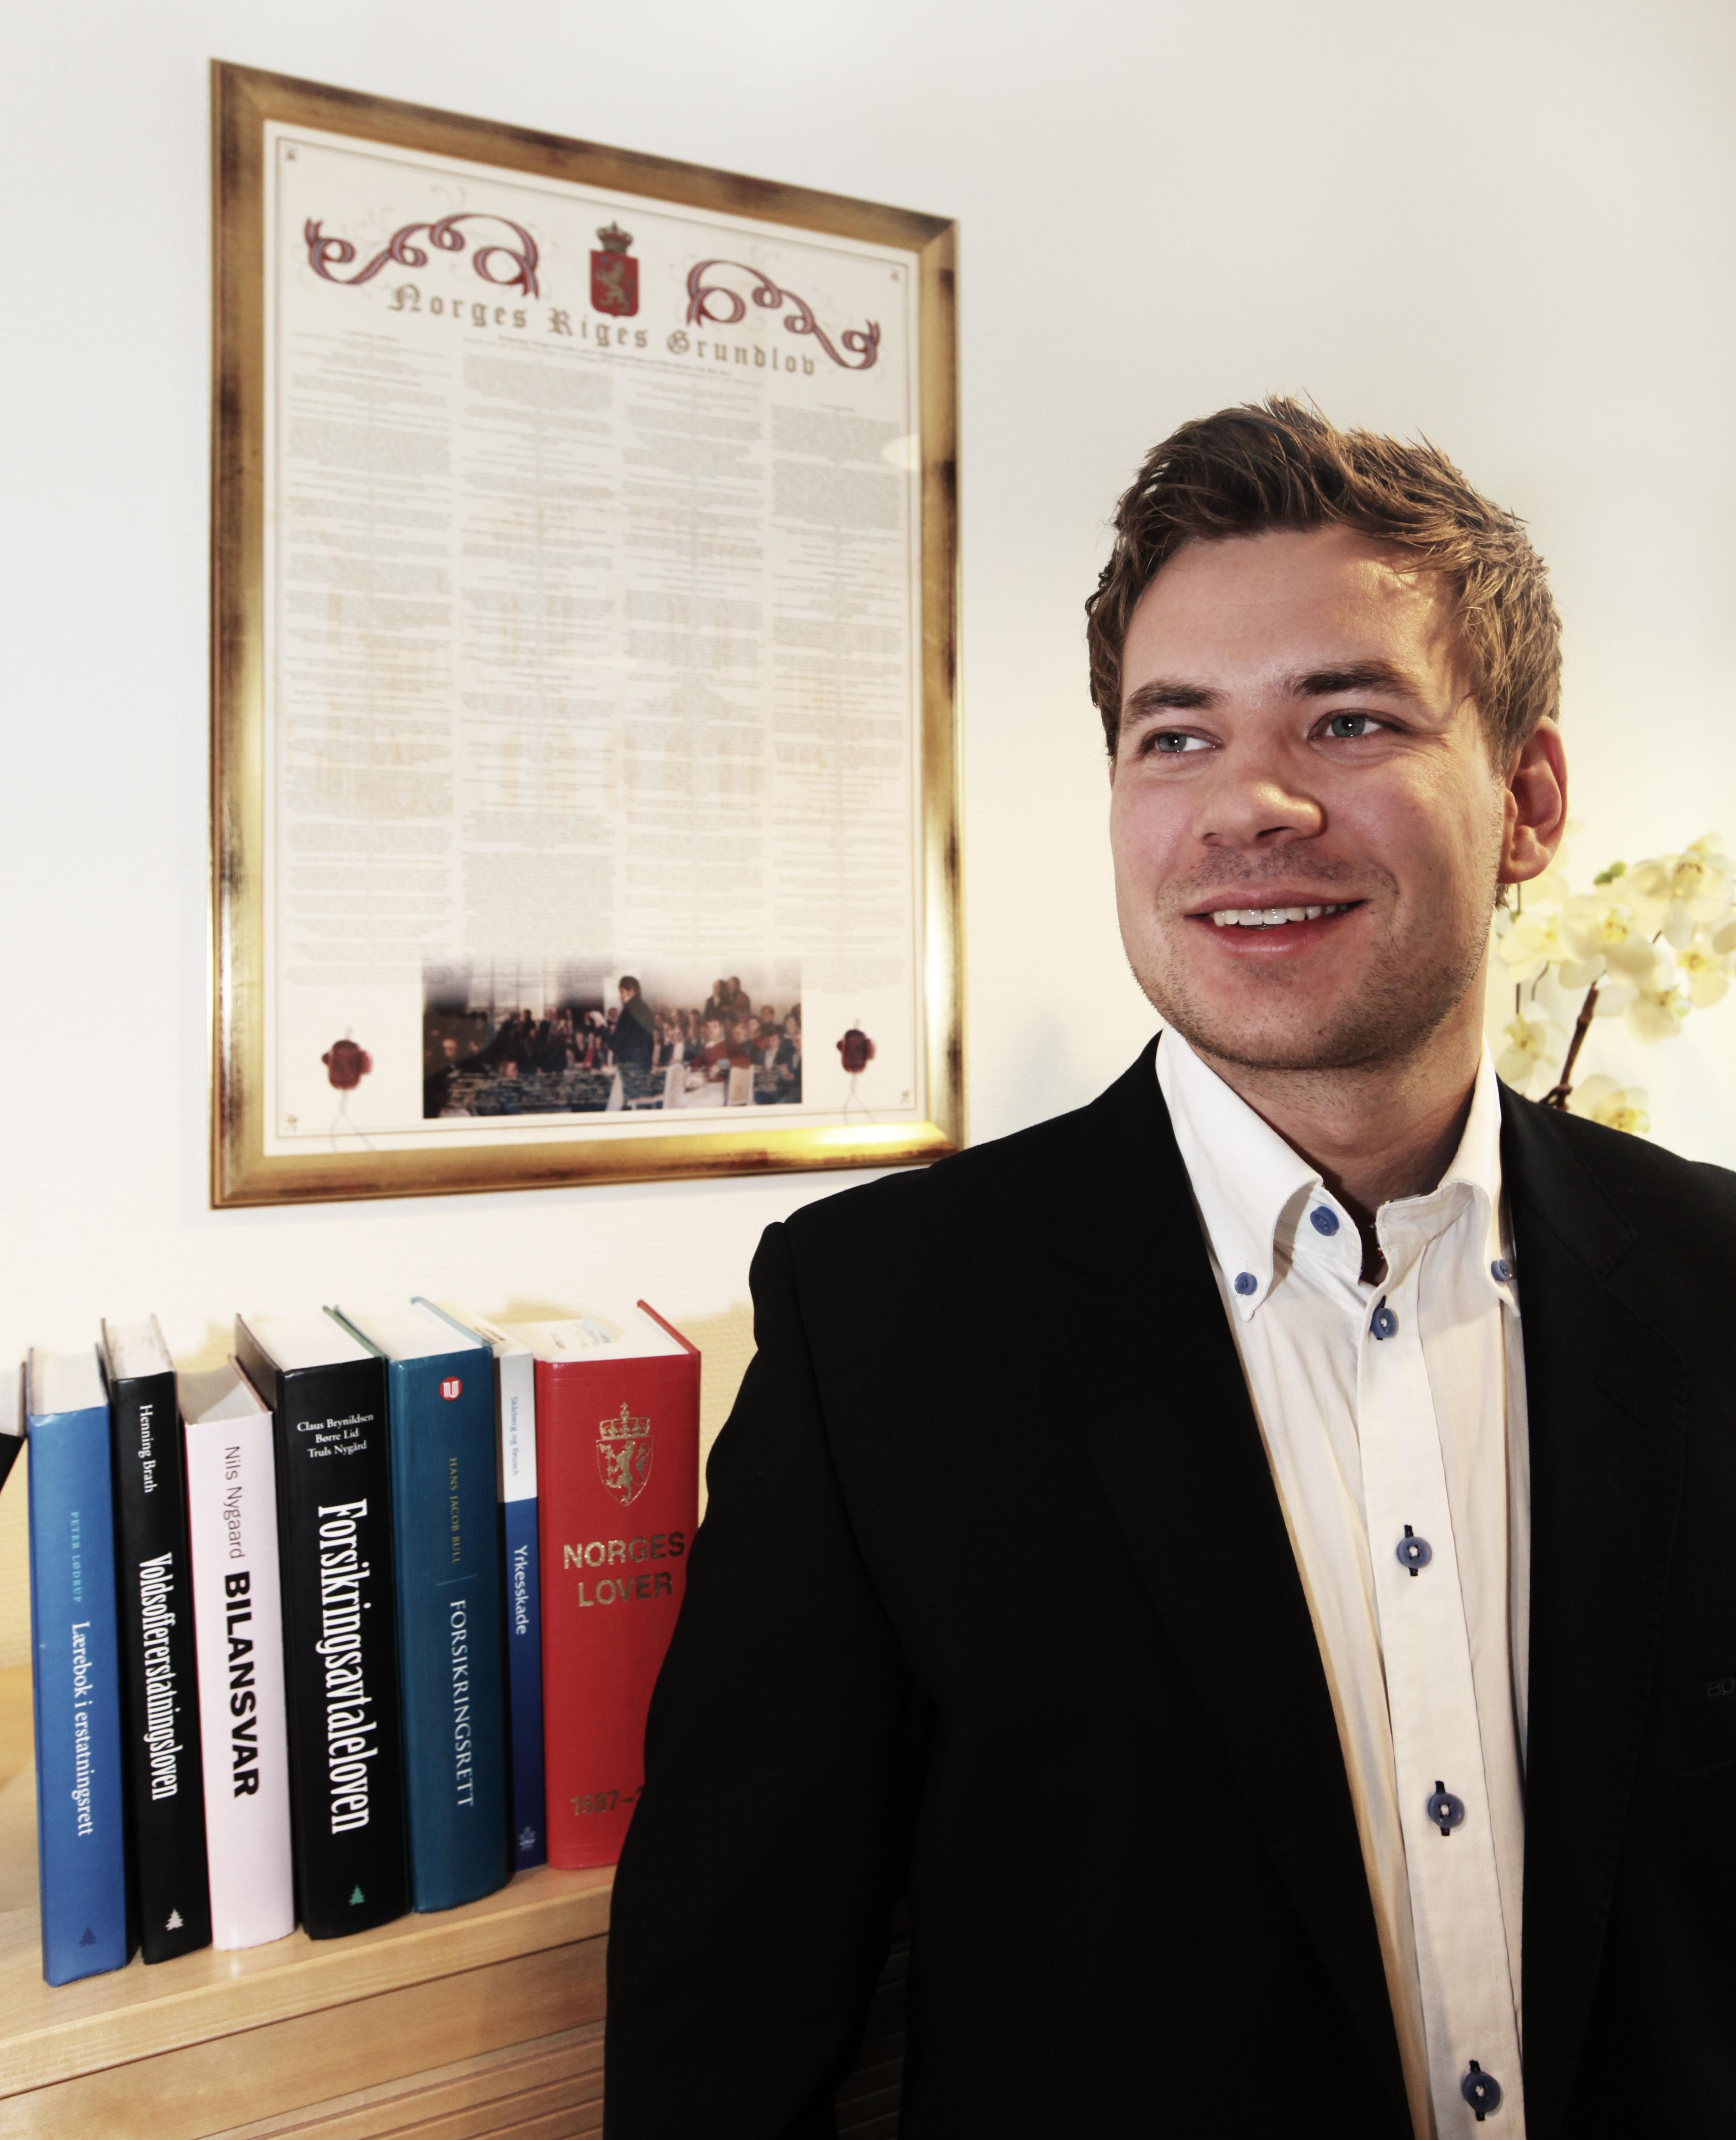 Advokatflm. Eirik Teigstad hjalp mannen som fikk 1,4 millioner kroner i voldsoffererstatning